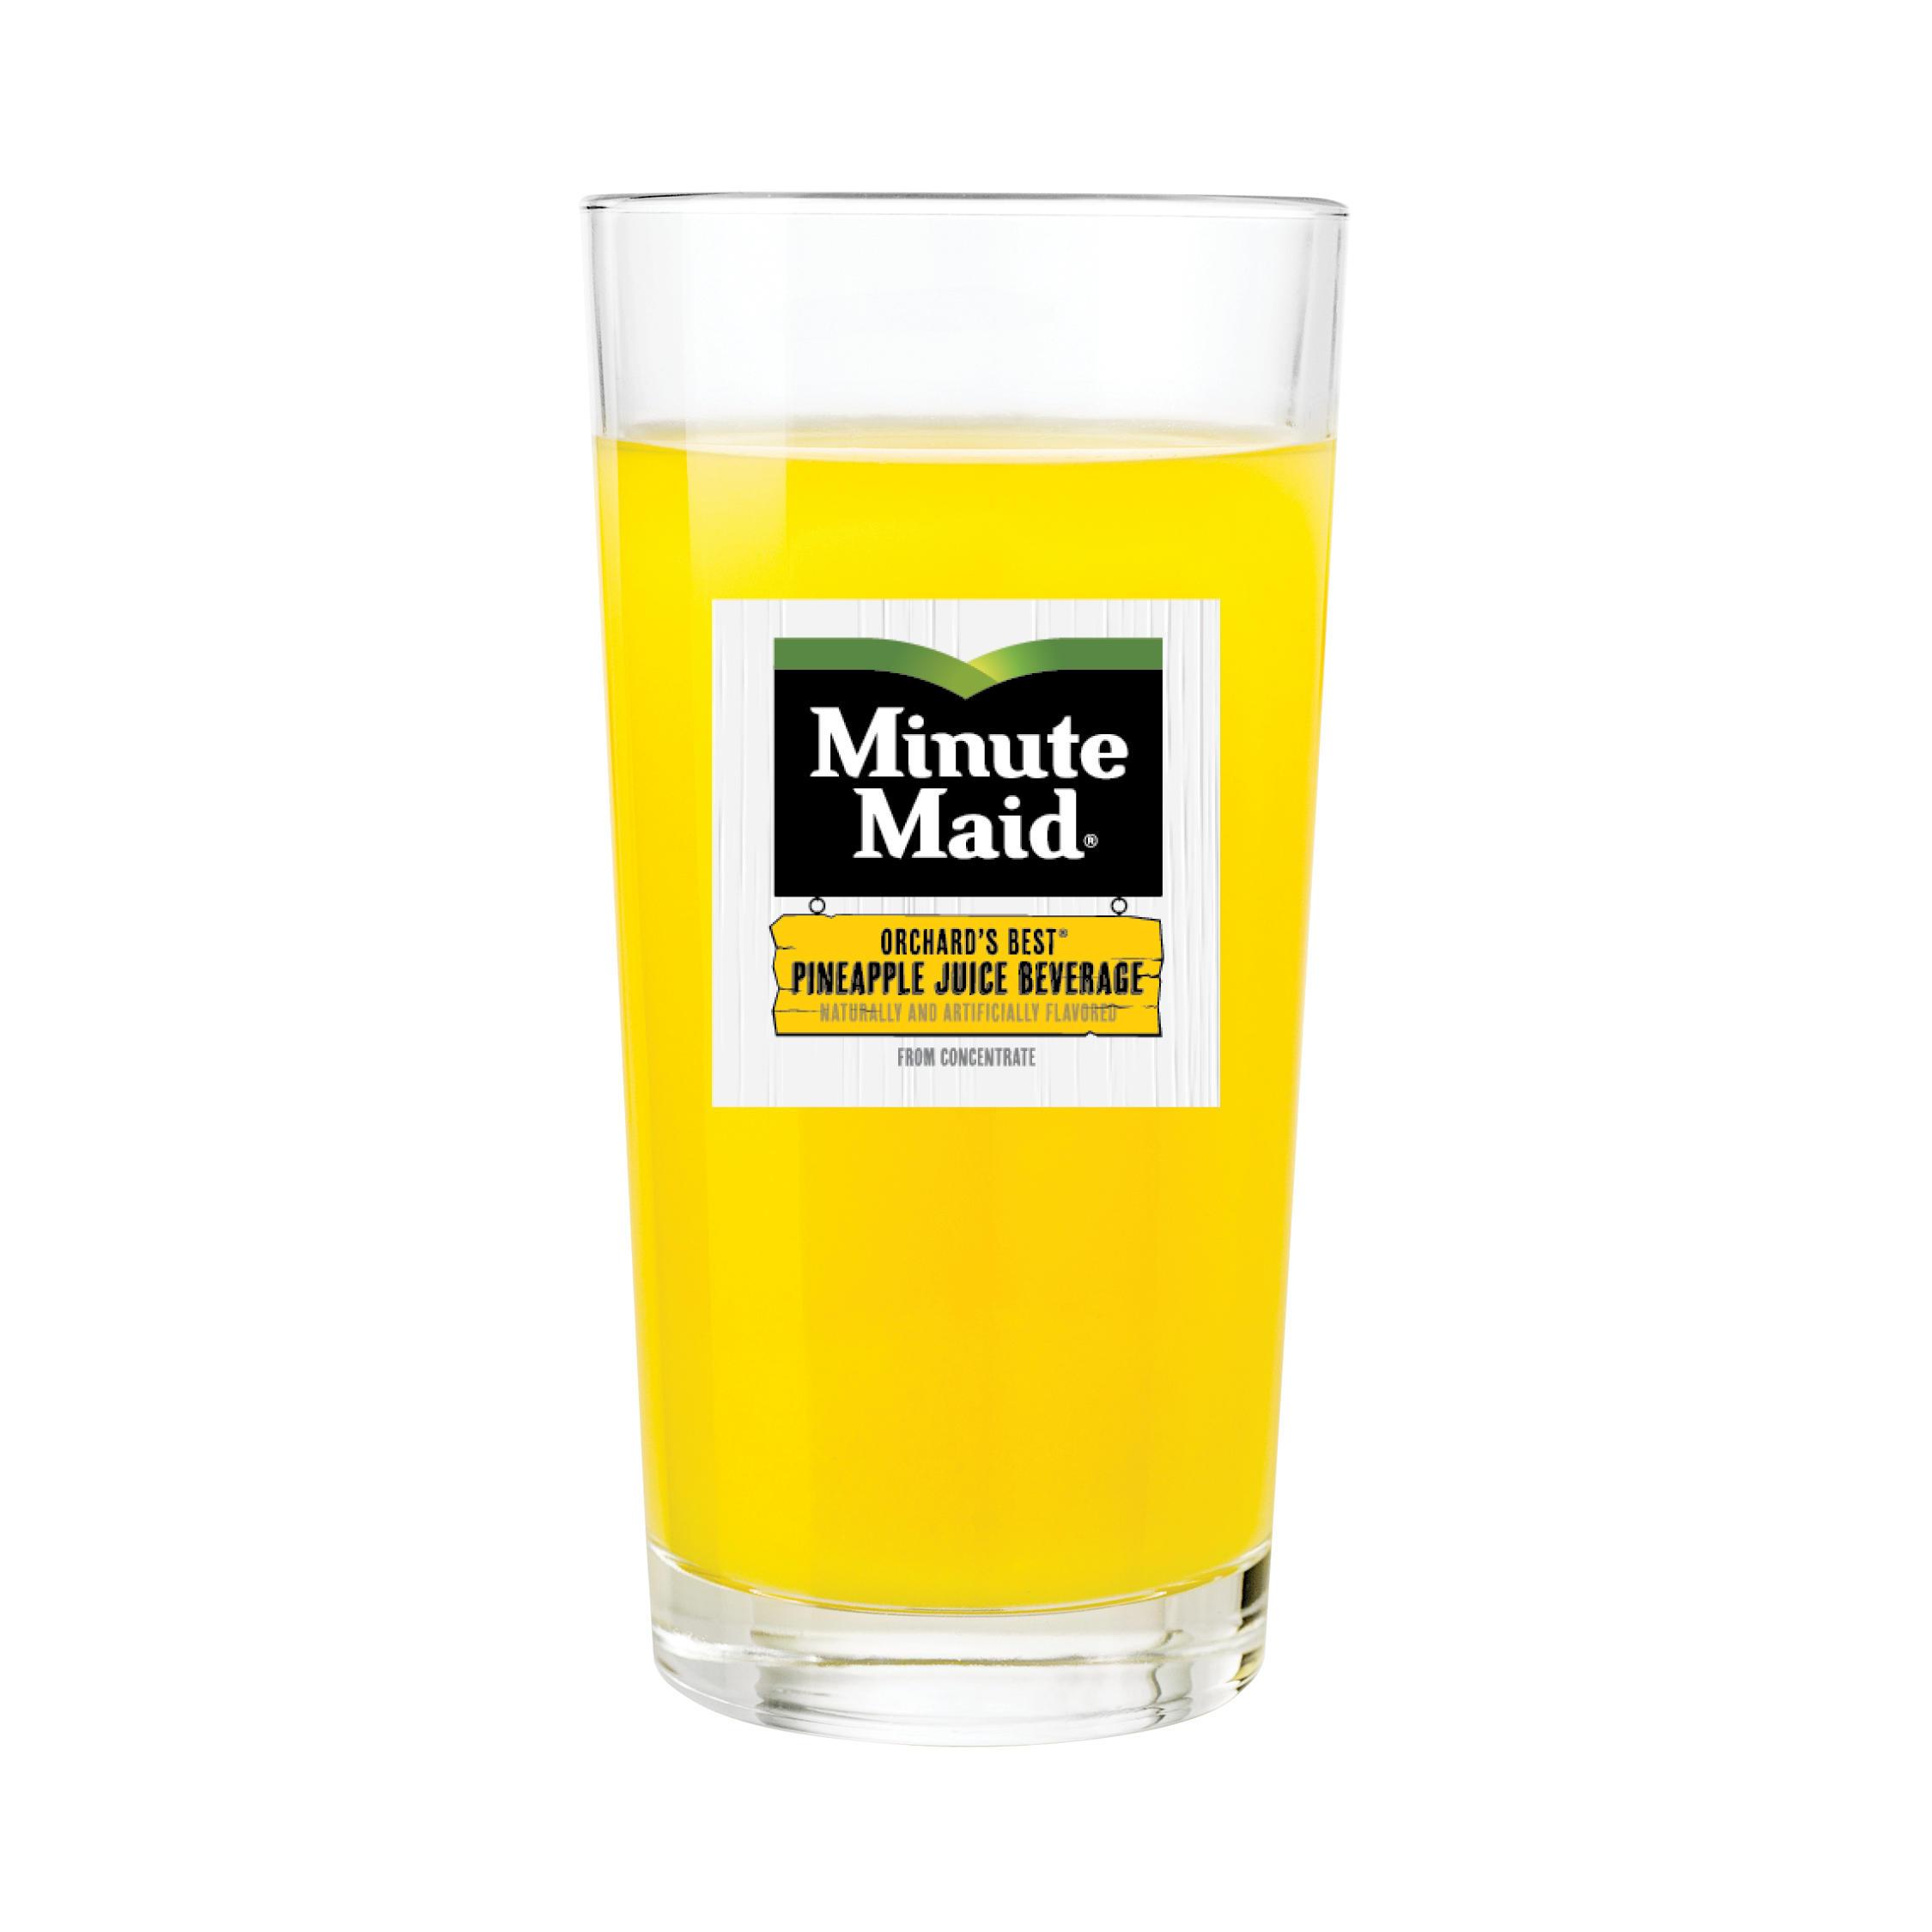 Minute Maid Pineapple Juice